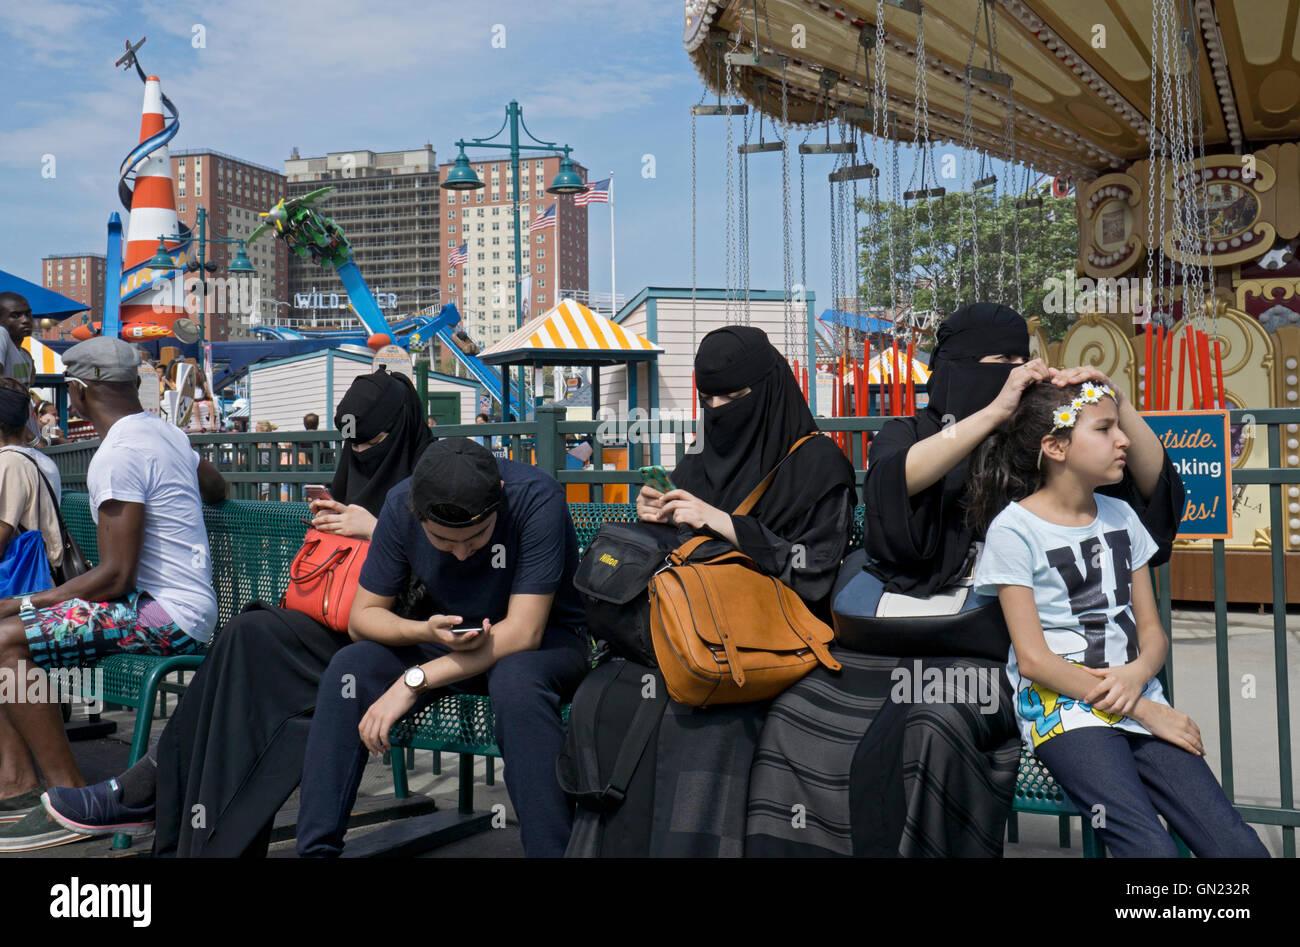 Eine muslimische Familie mit Frauen in Burkas im Luna Park auf Coney Island, Brooklyn, New York. Stockbild